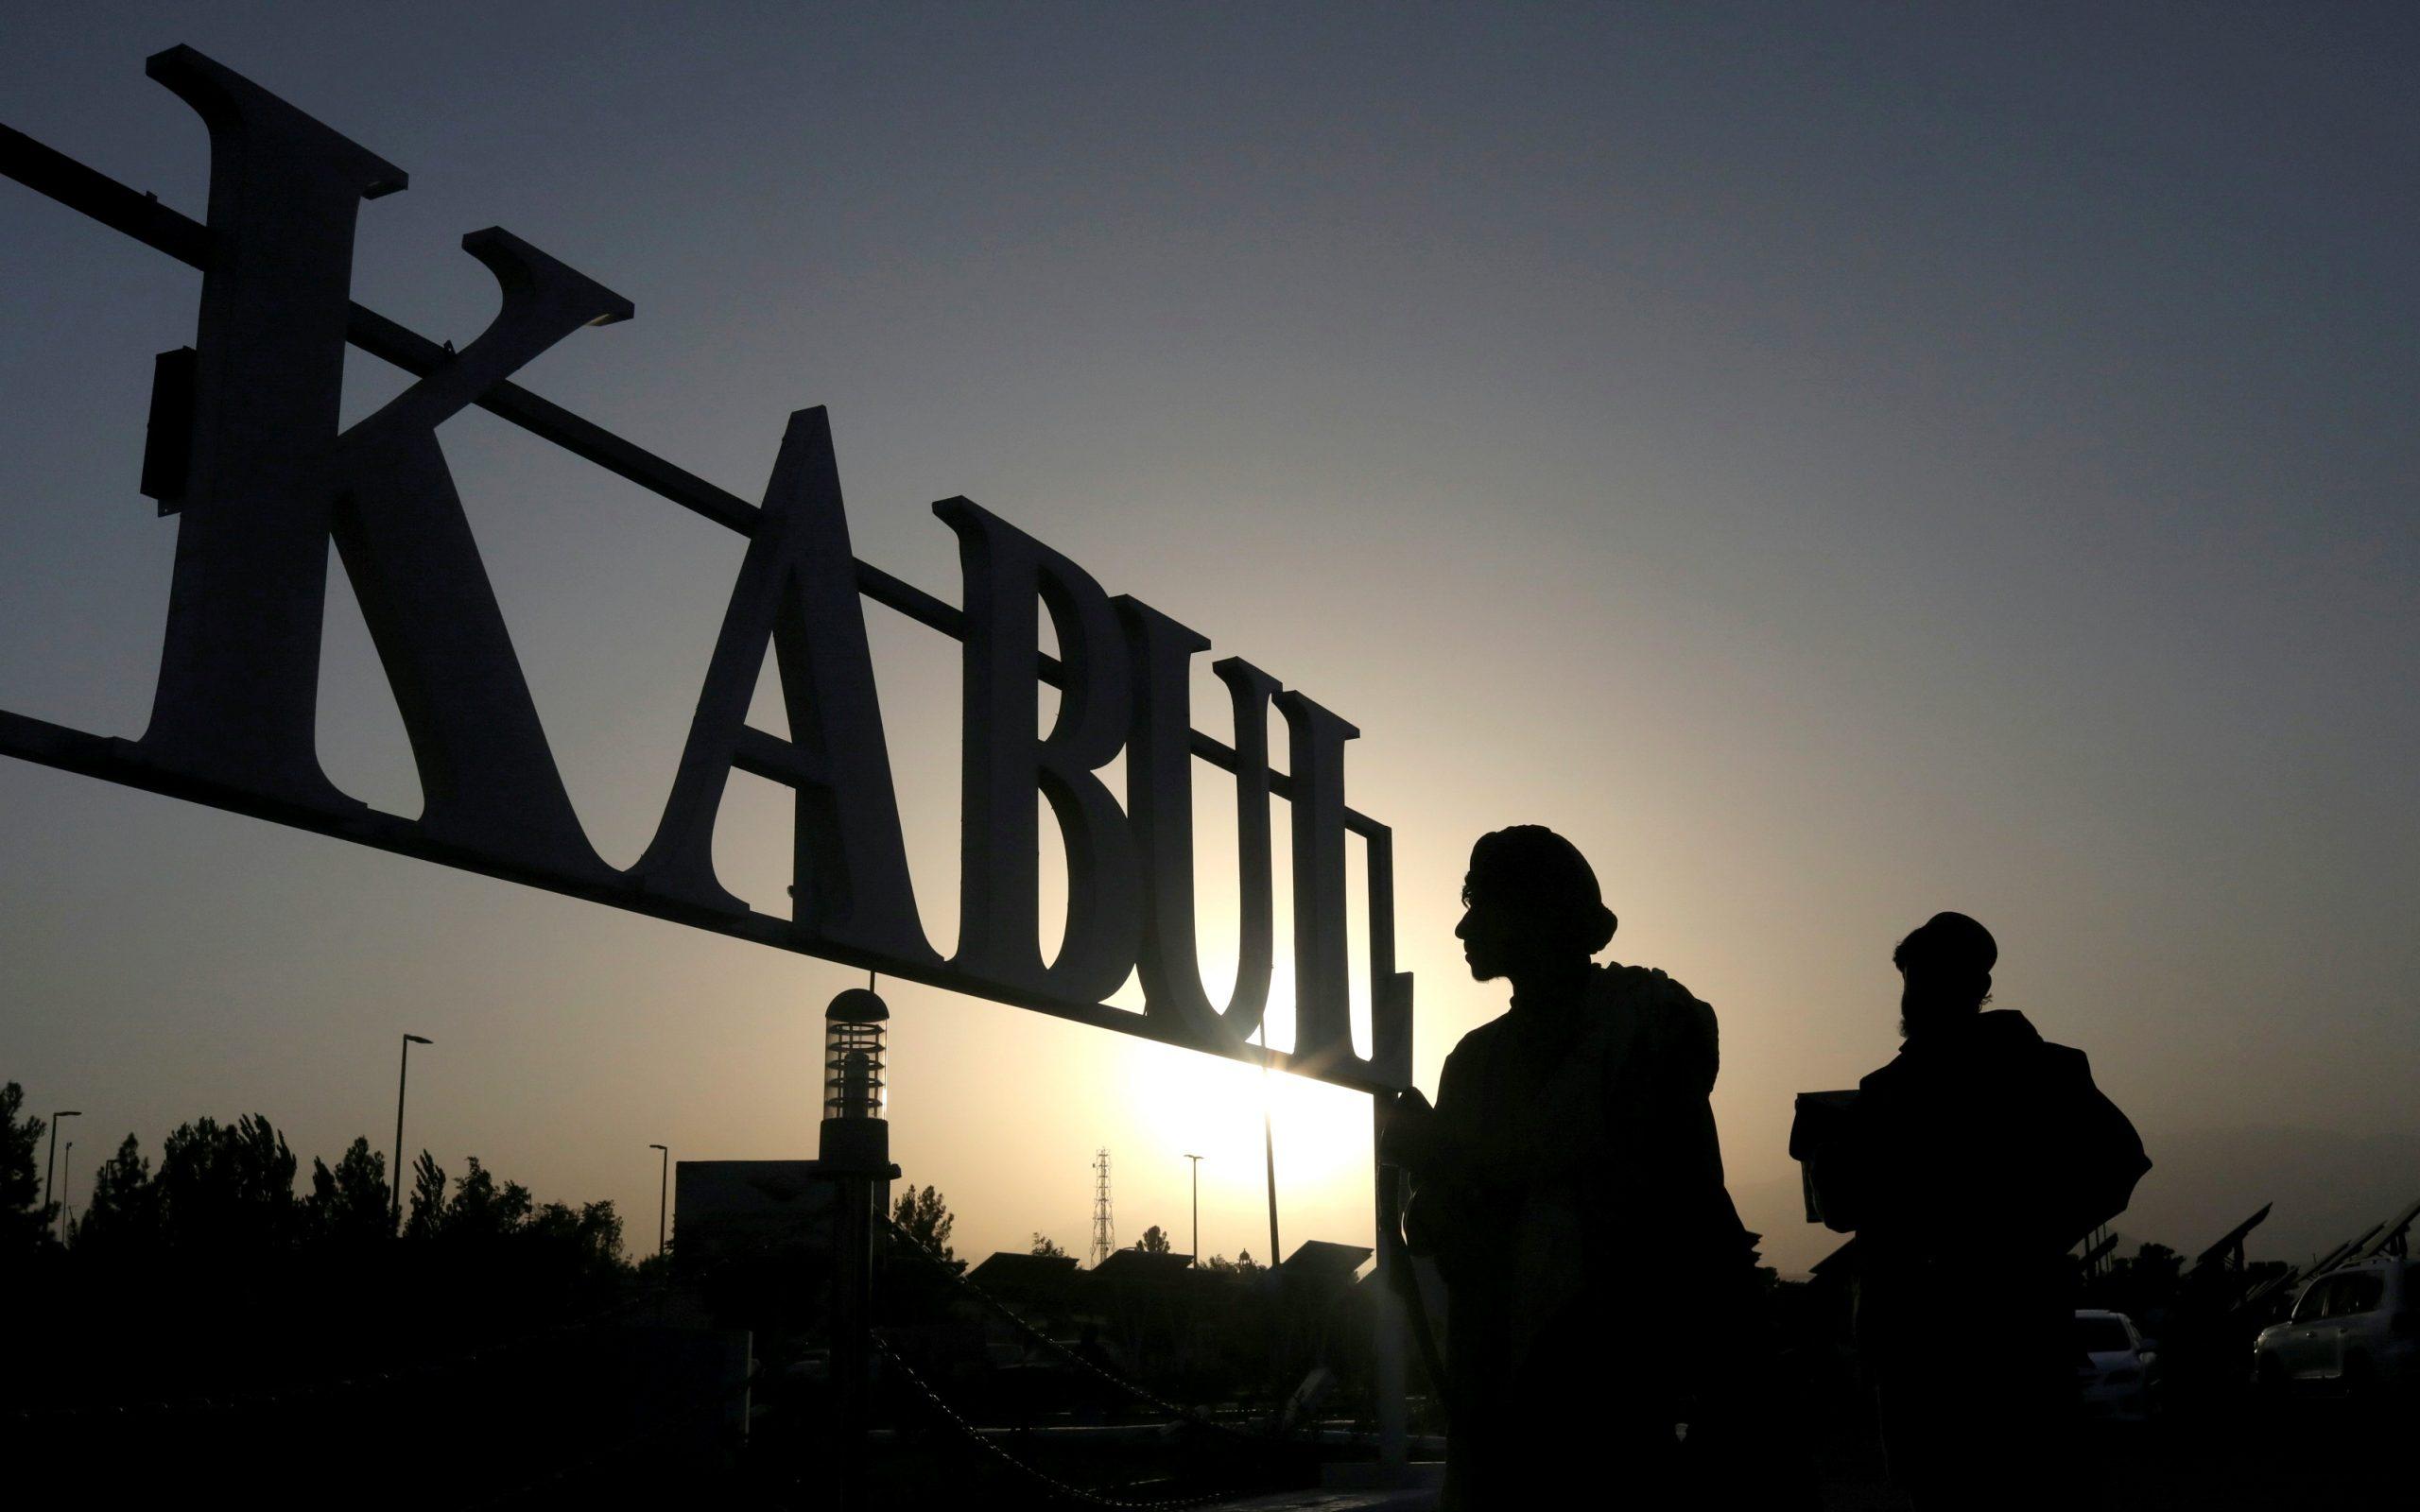 Eventi che segnano il futuro: guerra fredda, dopo muro di Berlino, dopo l'11 settembre, dopo Kabul